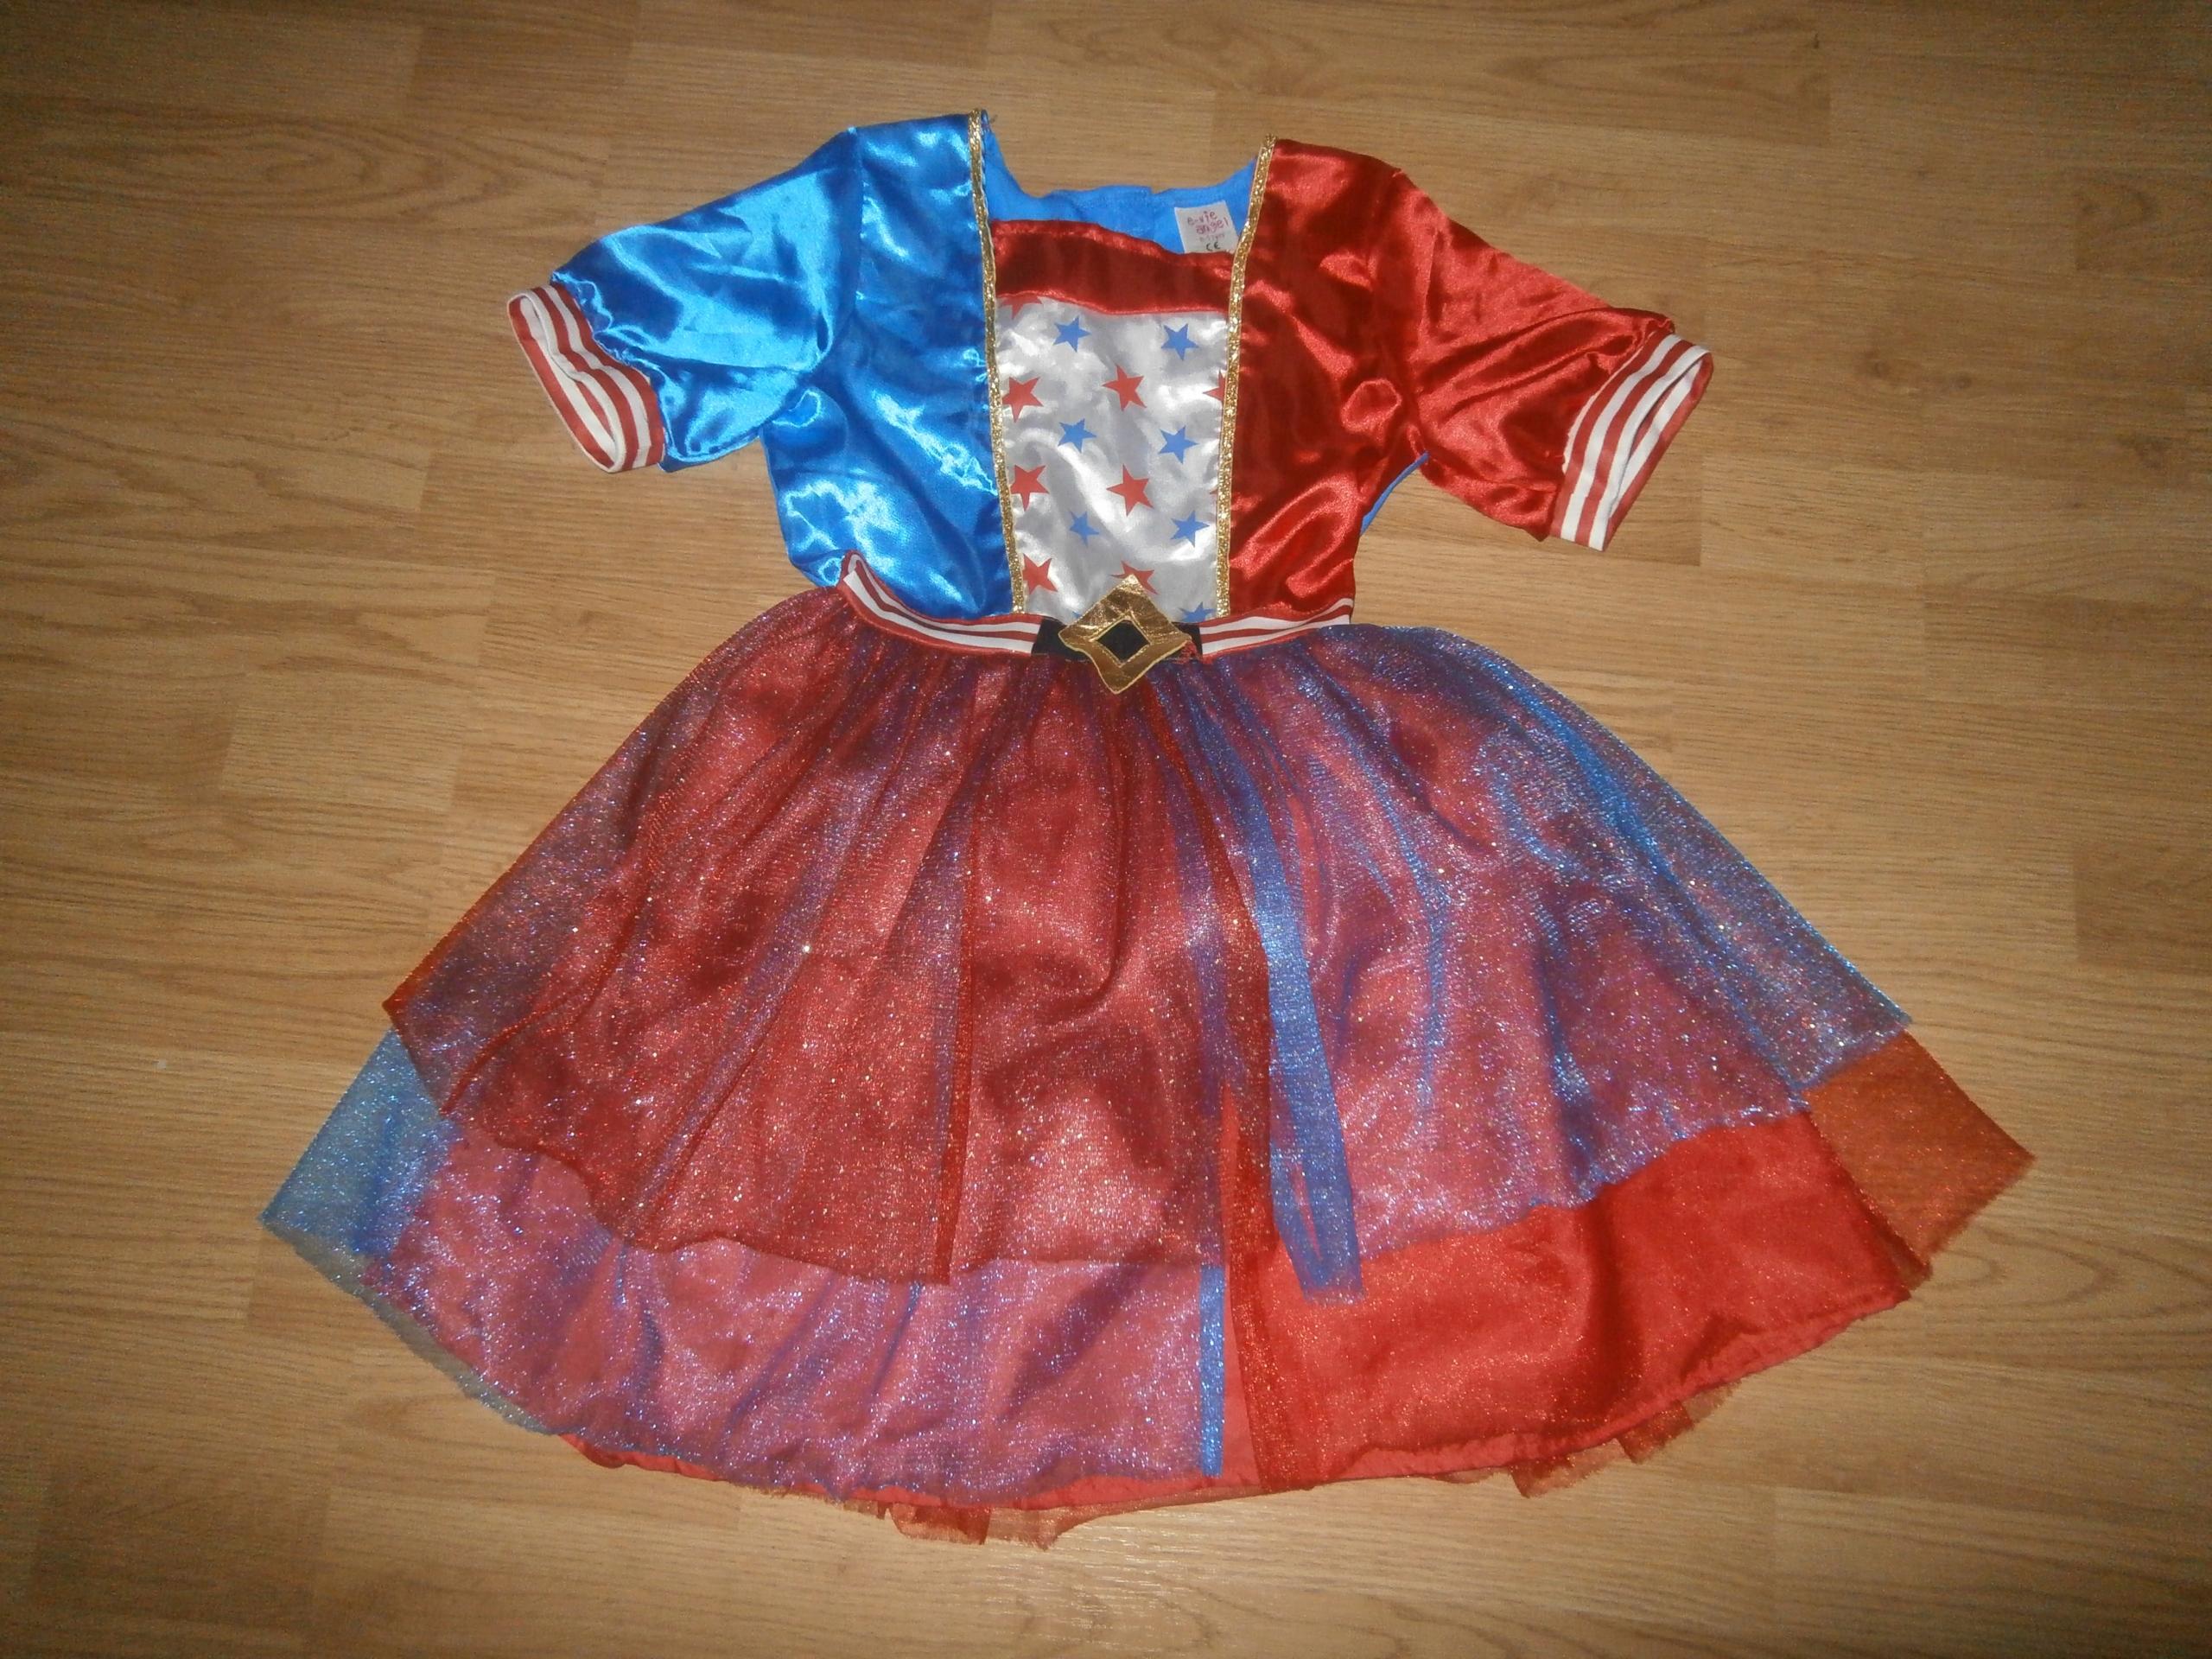 f95ad60309 Suknia rozmiar 8-11 lat - strój karnawałowy - 7671885678 - oficjalne ...